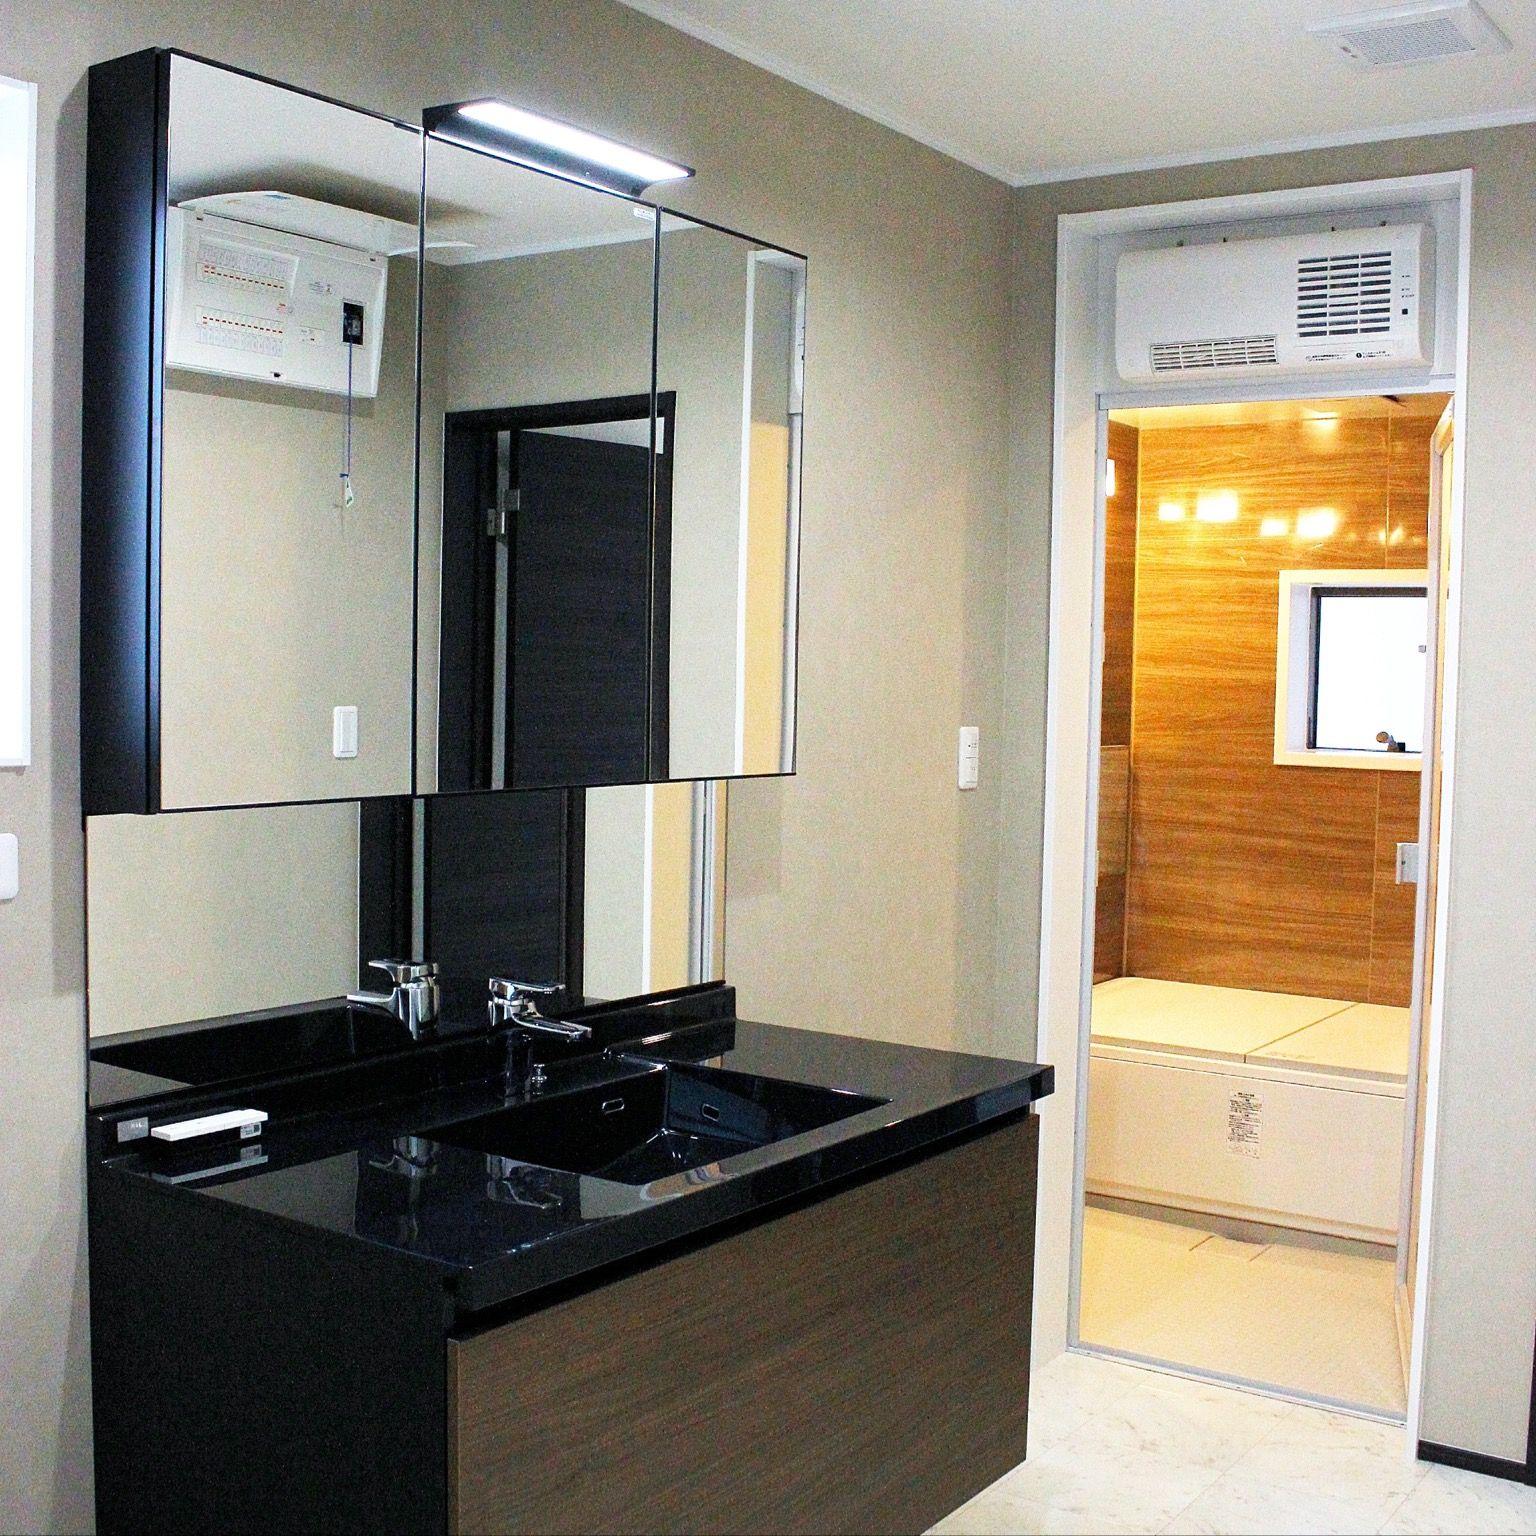 見栄えもよく 使いやすいシステム洗面化粧台 Lixil ルミシス 洗面台 浴室リフォーム インテリア 実例